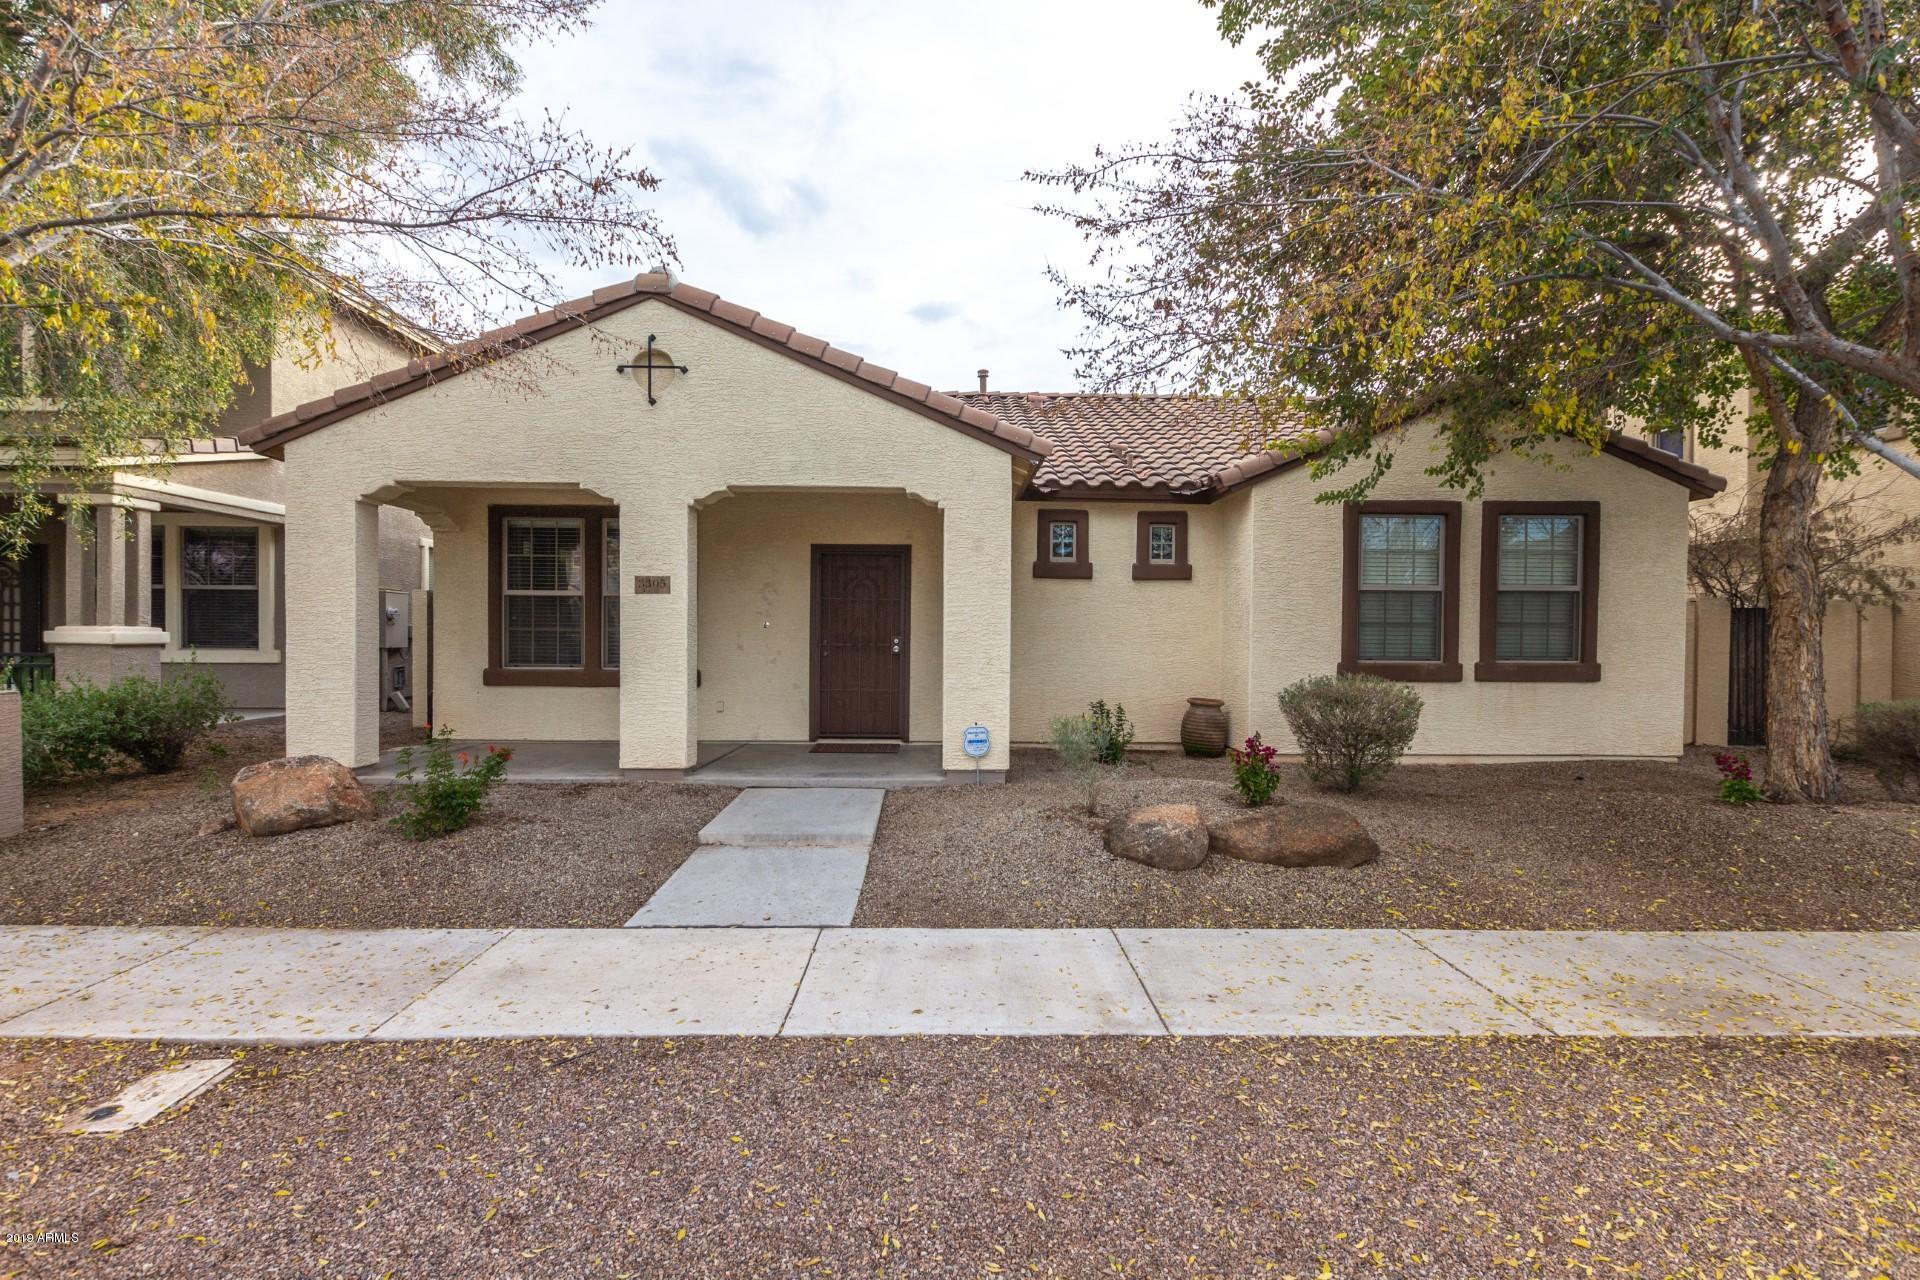 Photo of 3305 E IVANHOE Street, Gilbert, AZ 85295